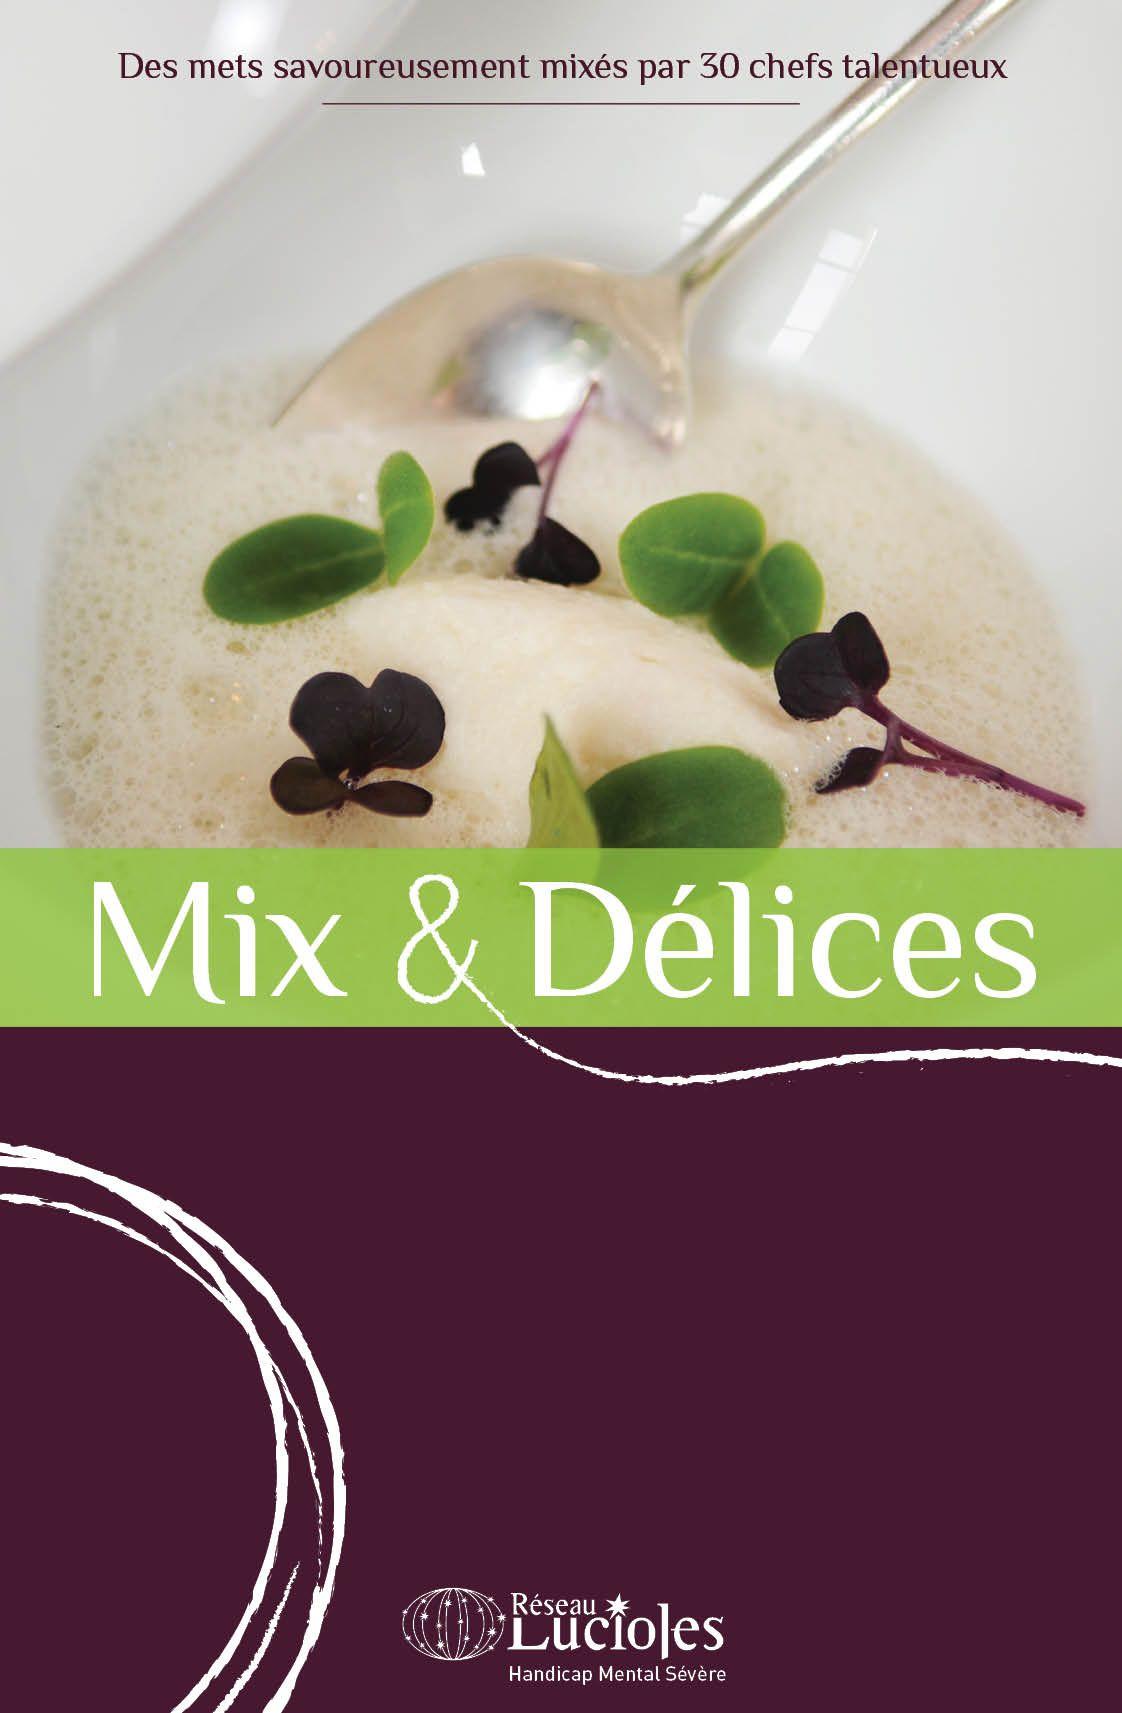 Mix&Délices_Reseau_Lucioles_couverture